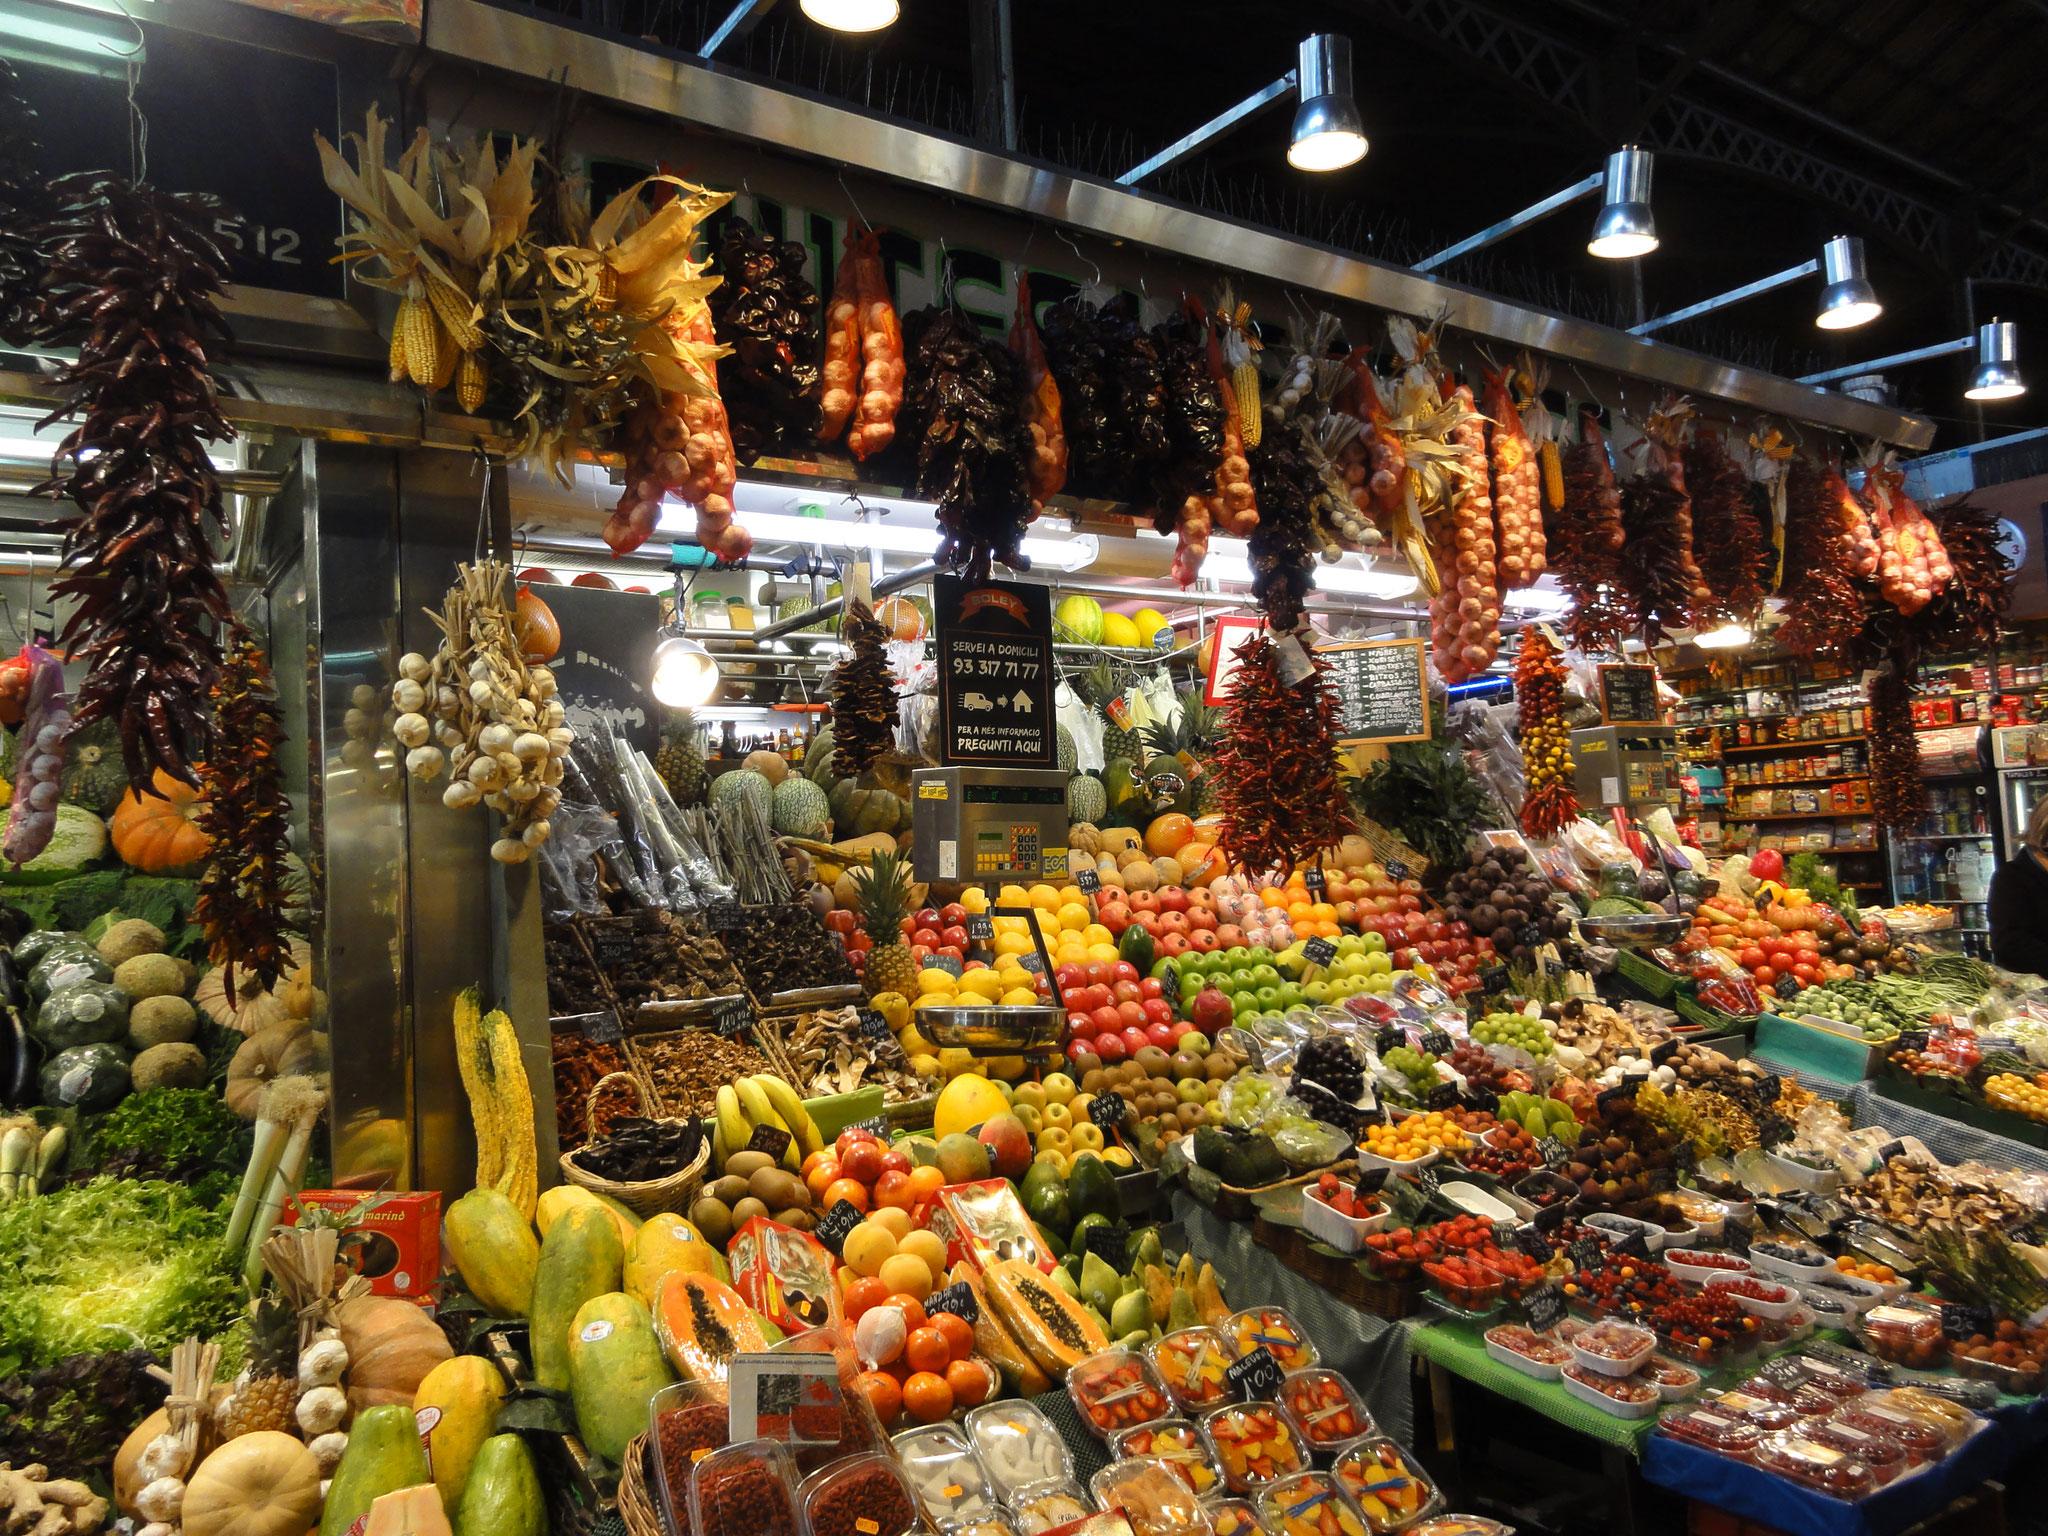 Le marché la Boqueria